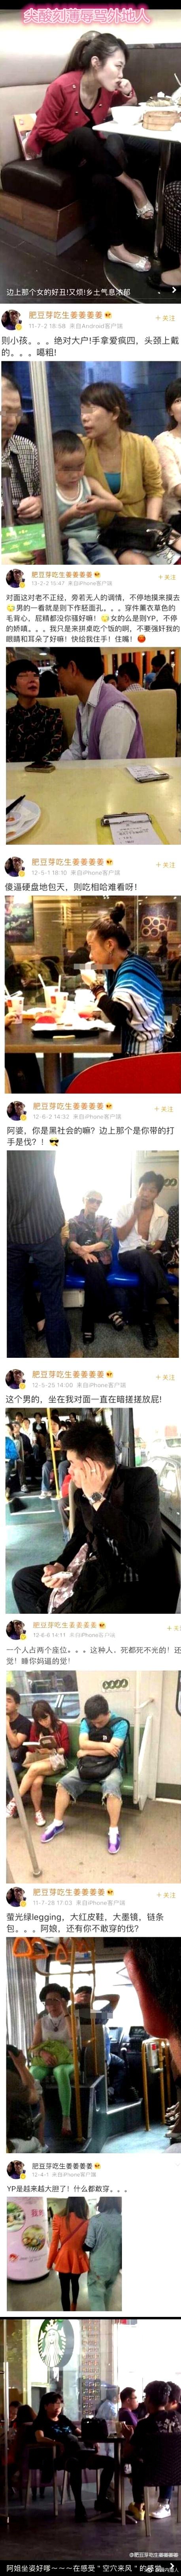 """搜集了前段国足姜至鹏婚内出轨的1300万""""原配""""辣眼言论,整个人胃口都不好了"""